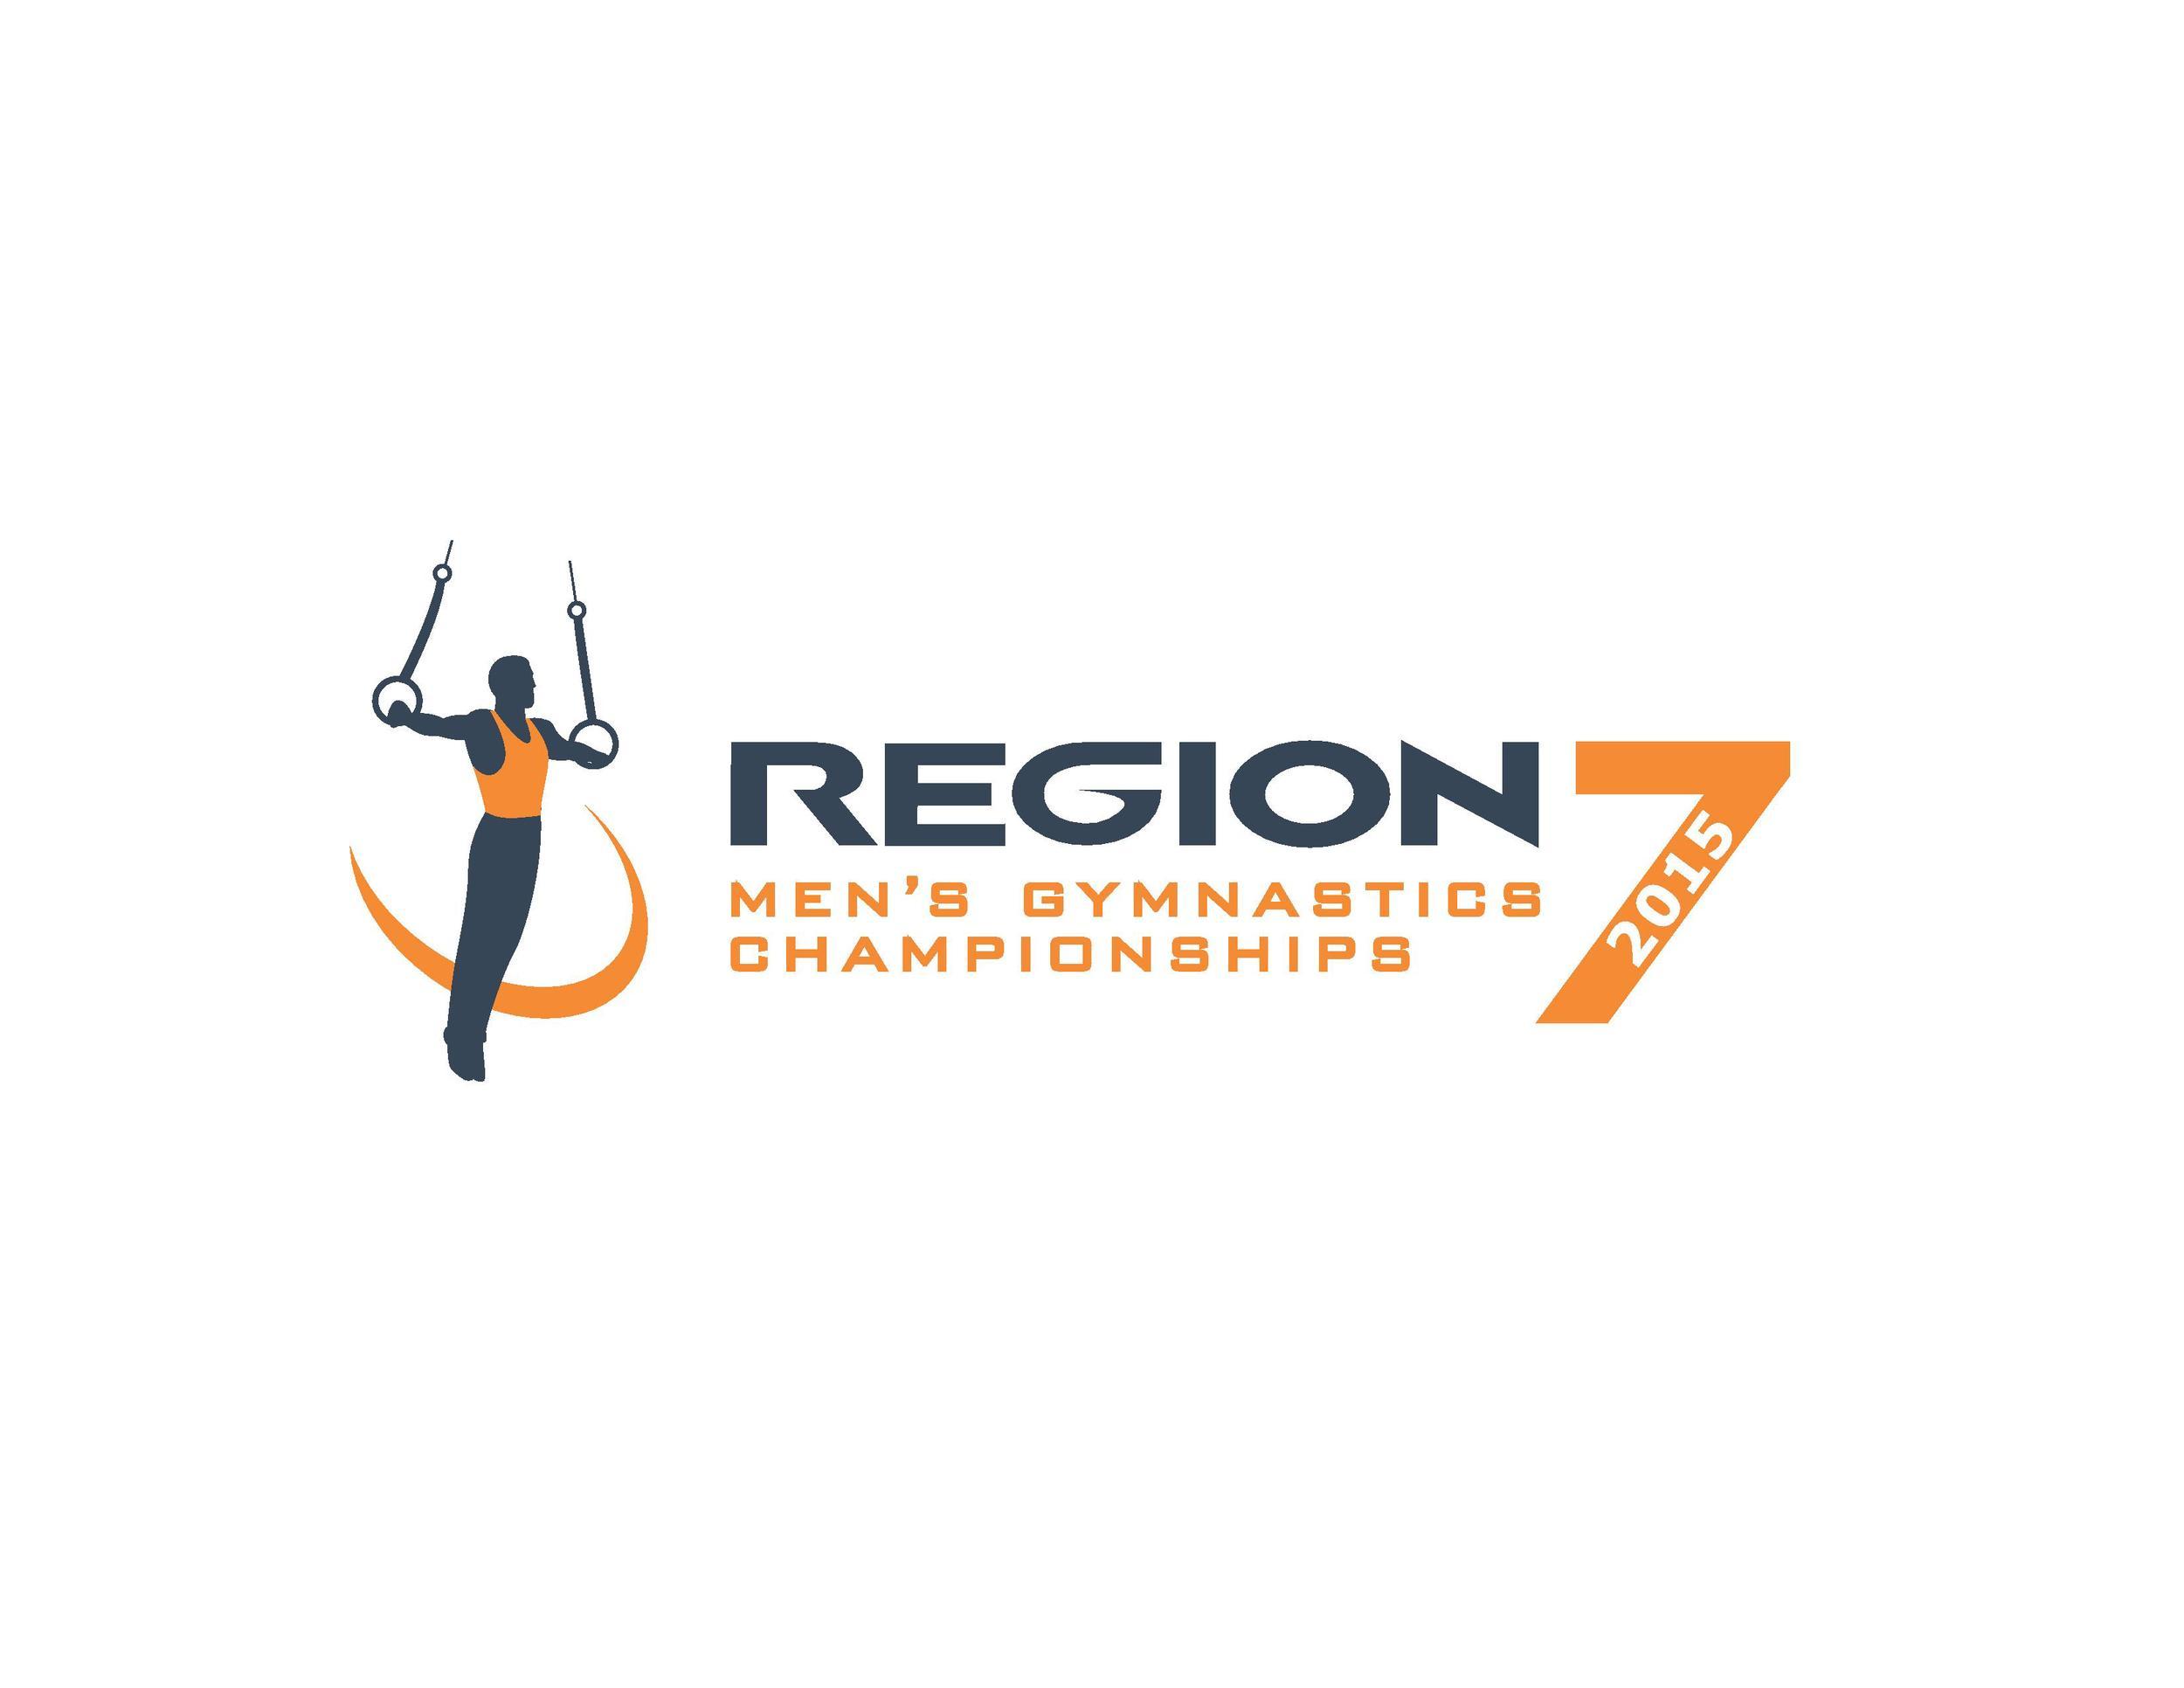 region7championships long 7.jpg